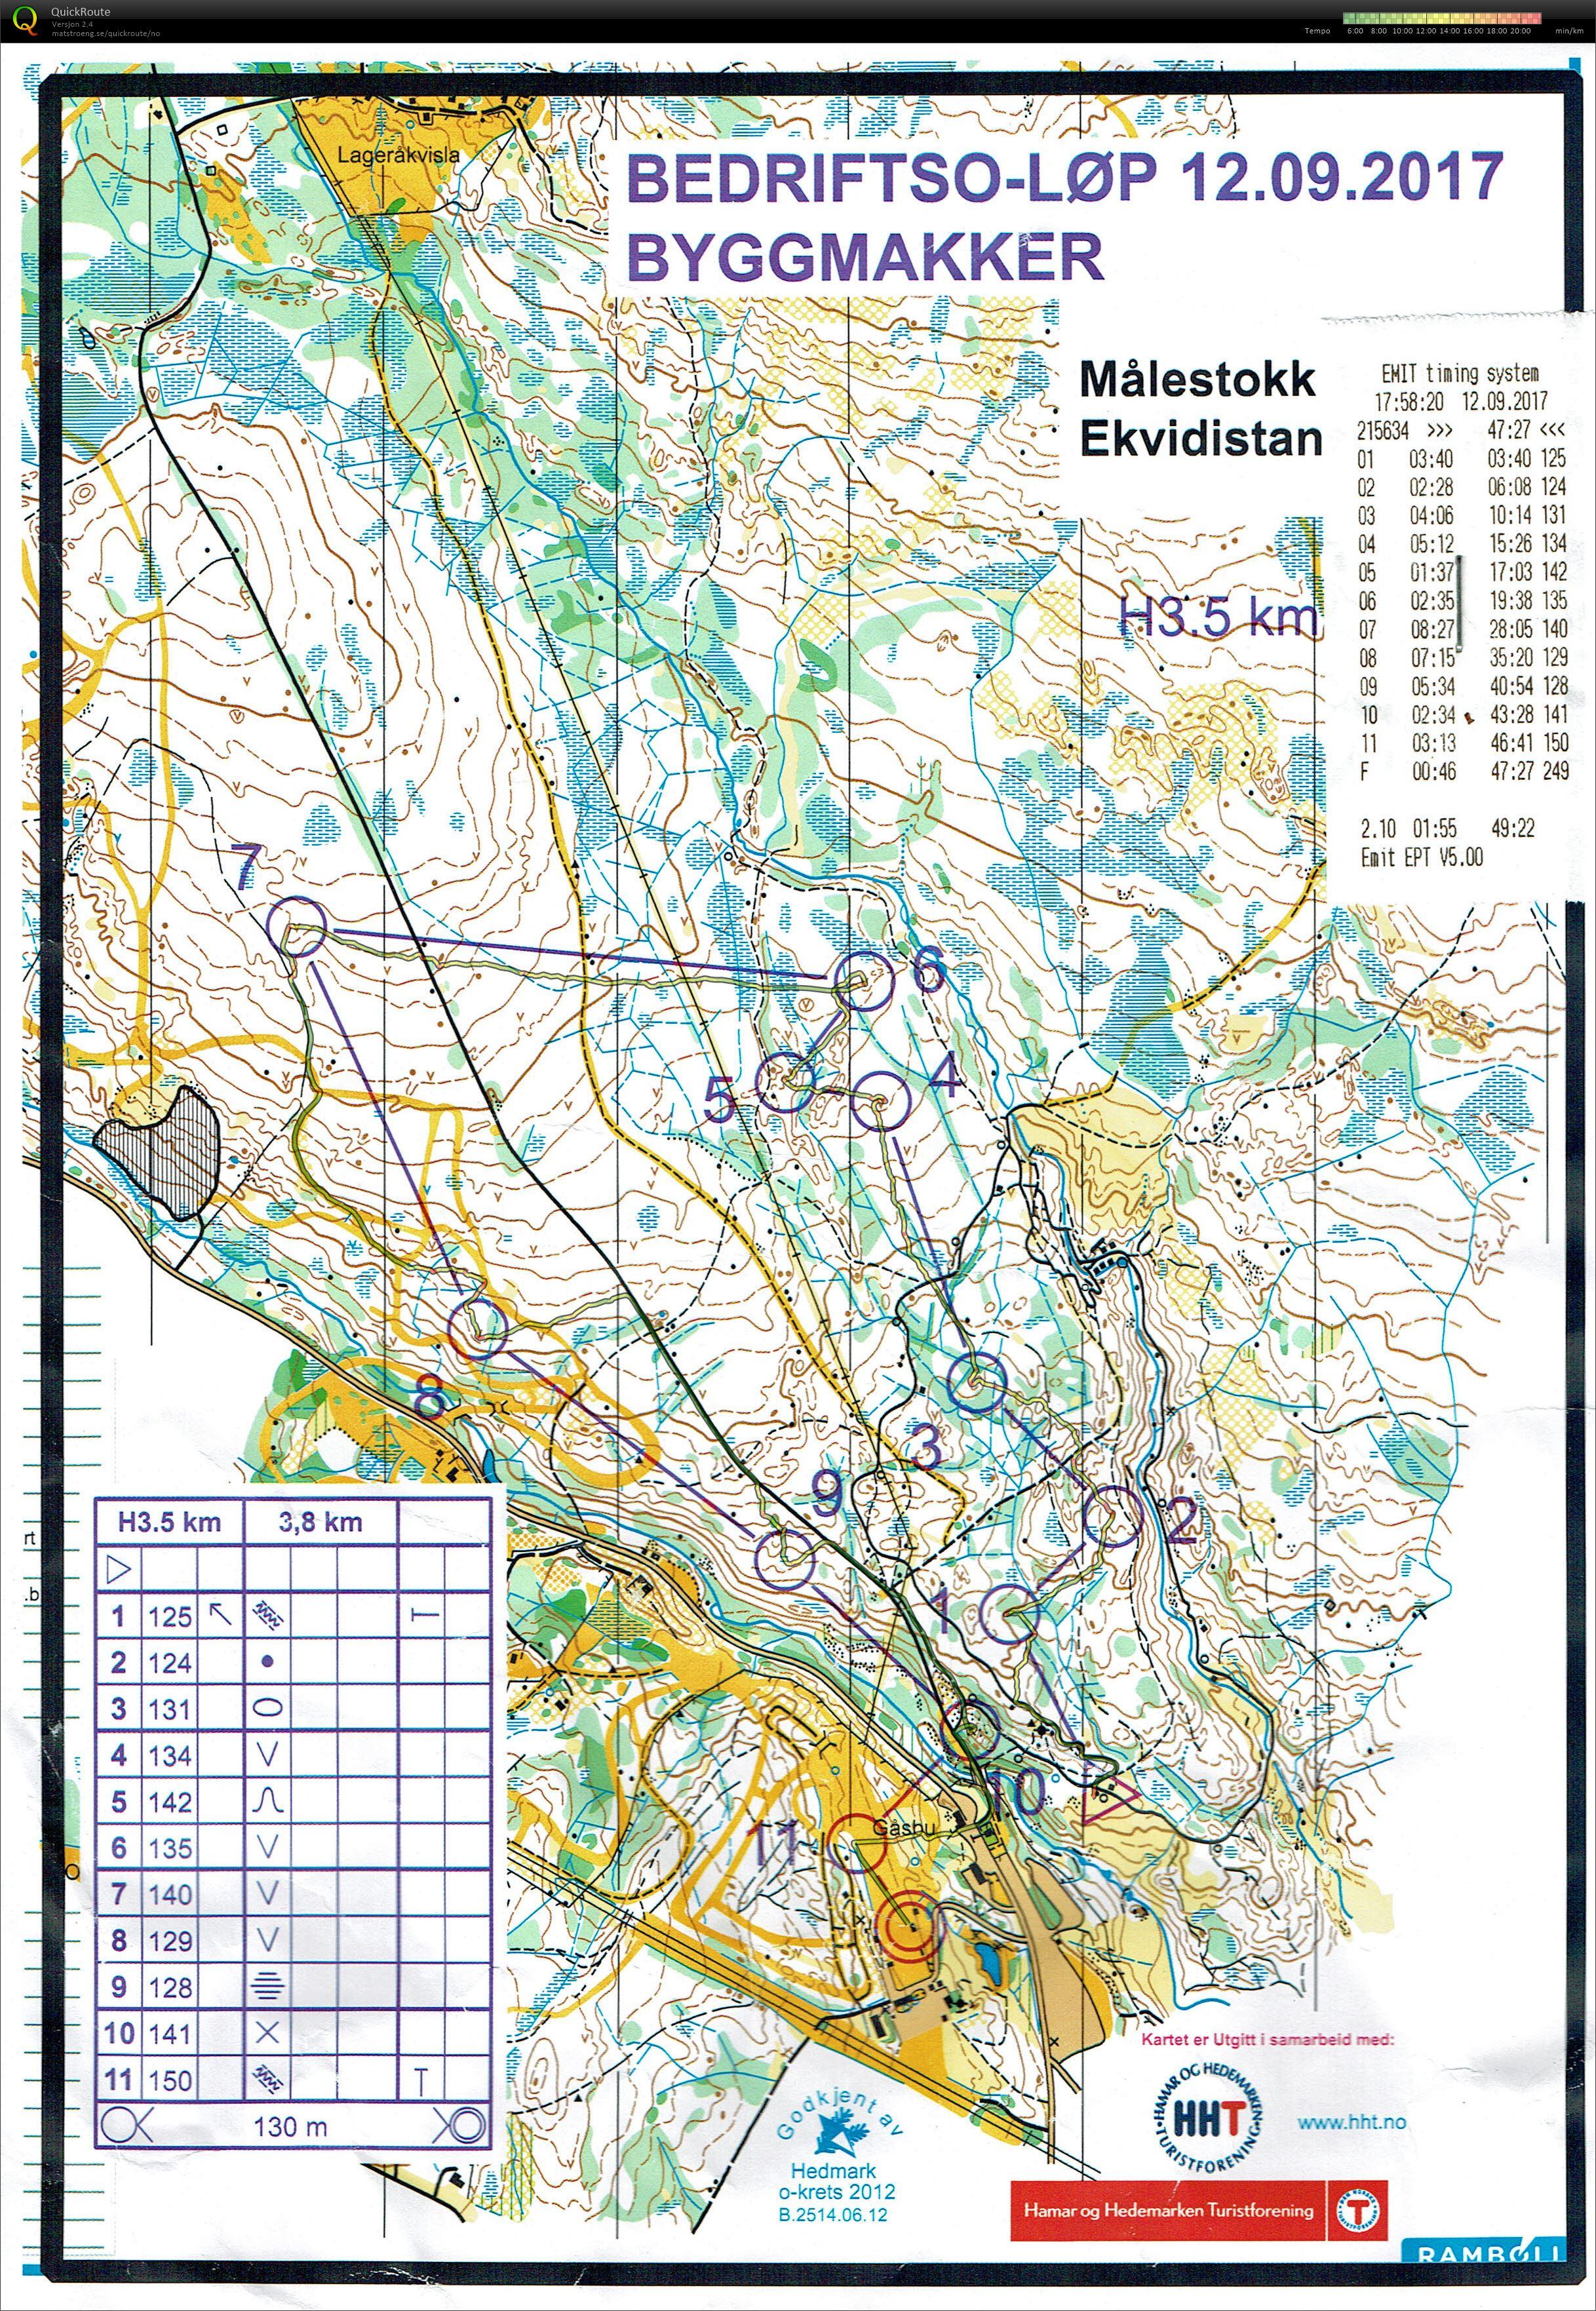 kart gåsbu Mitt digitale kartarkiv meg gps tracking. :: Gåsbu (12.09.2017) kart gåsbu